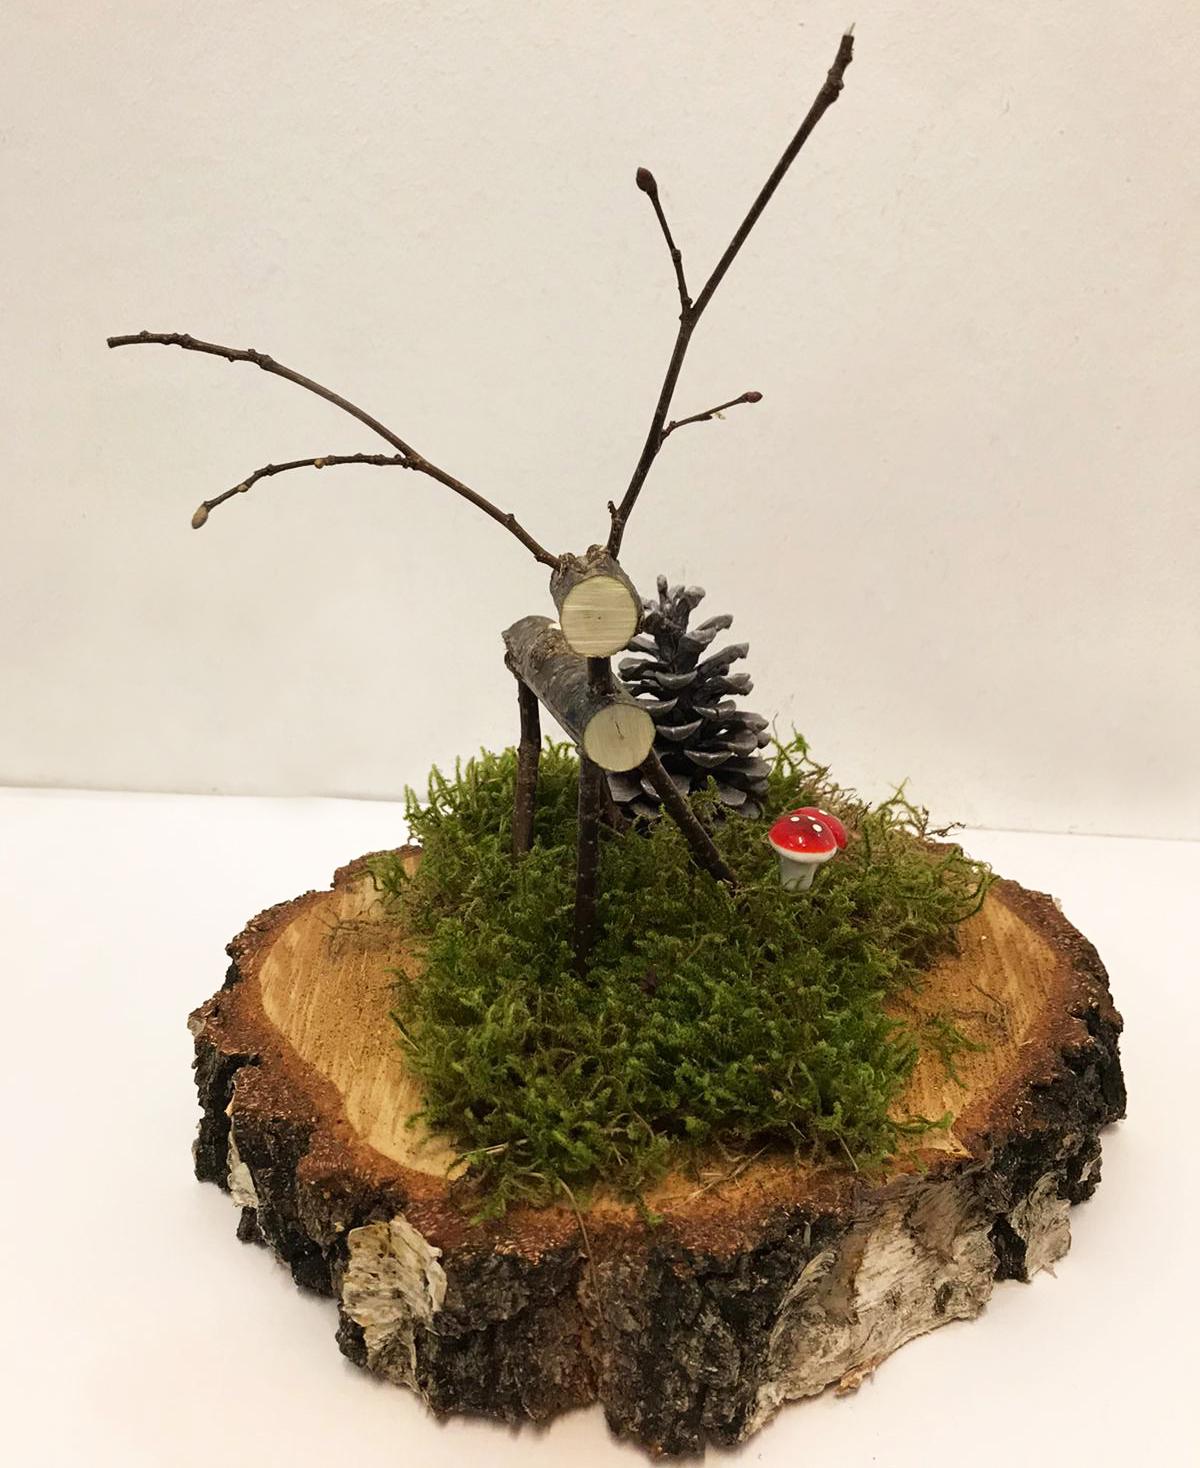 Ein Hirsch aus Holz auf einem Moos Beet